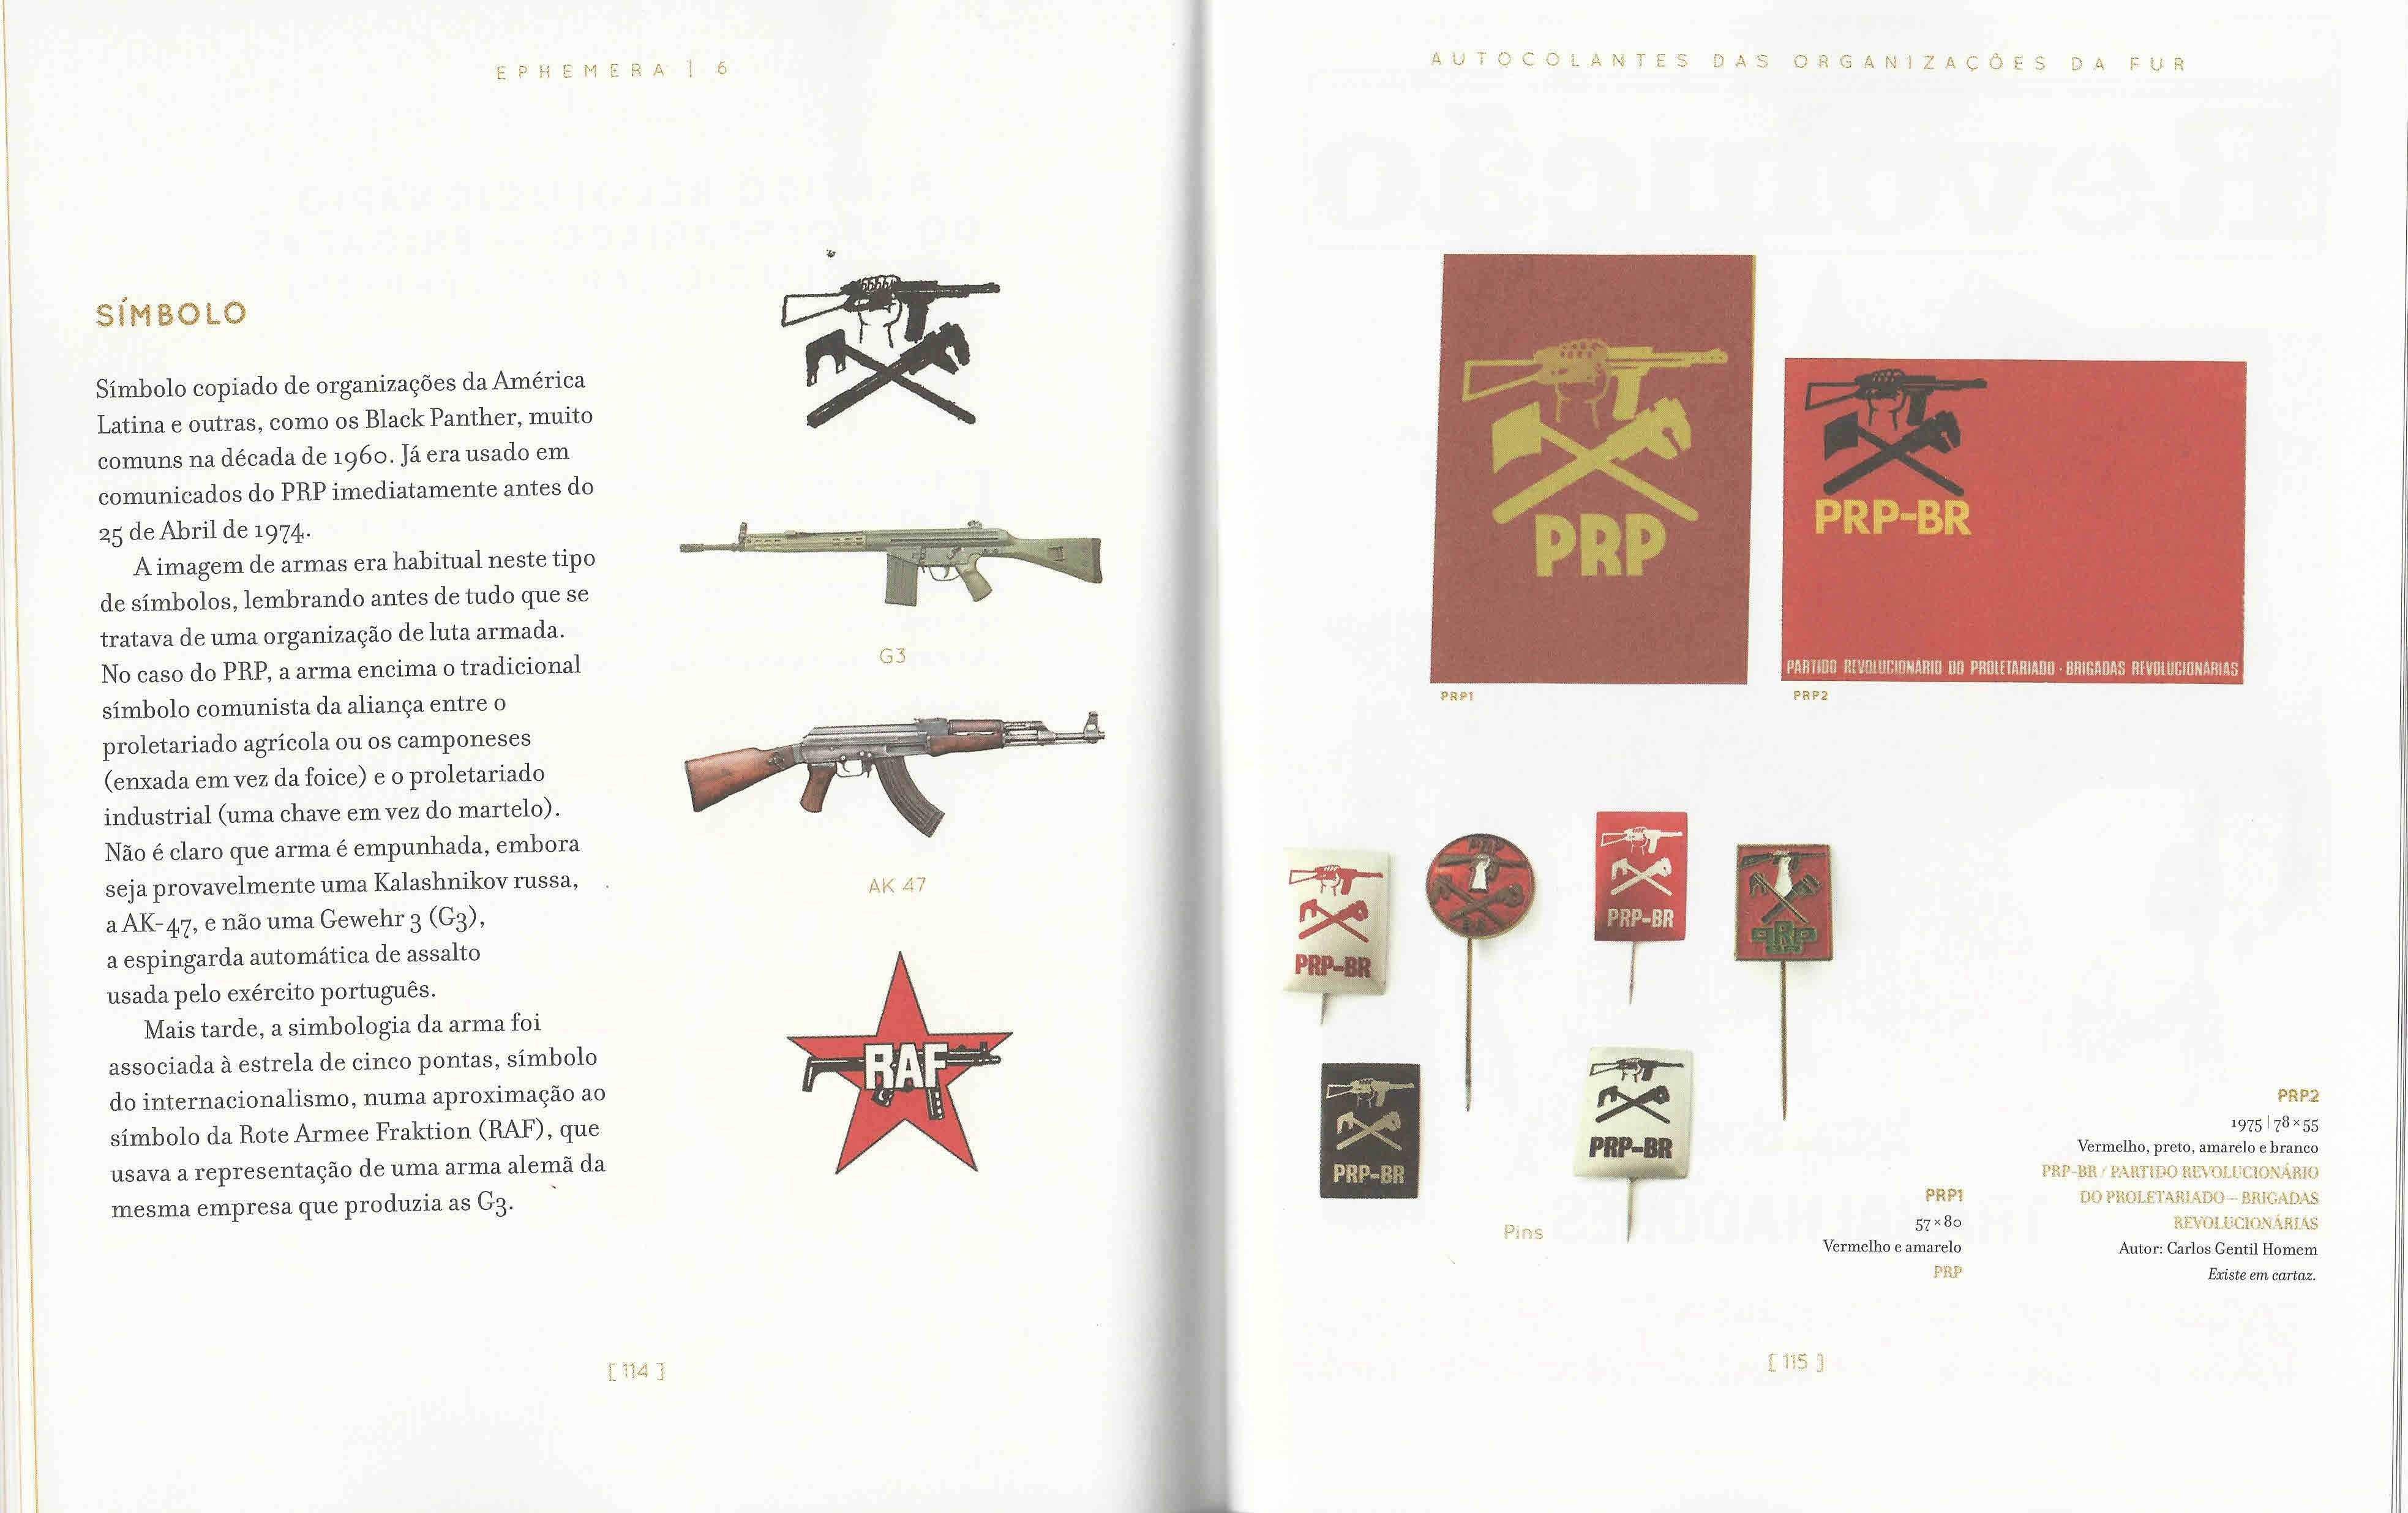 Exemplos de páginas do livro